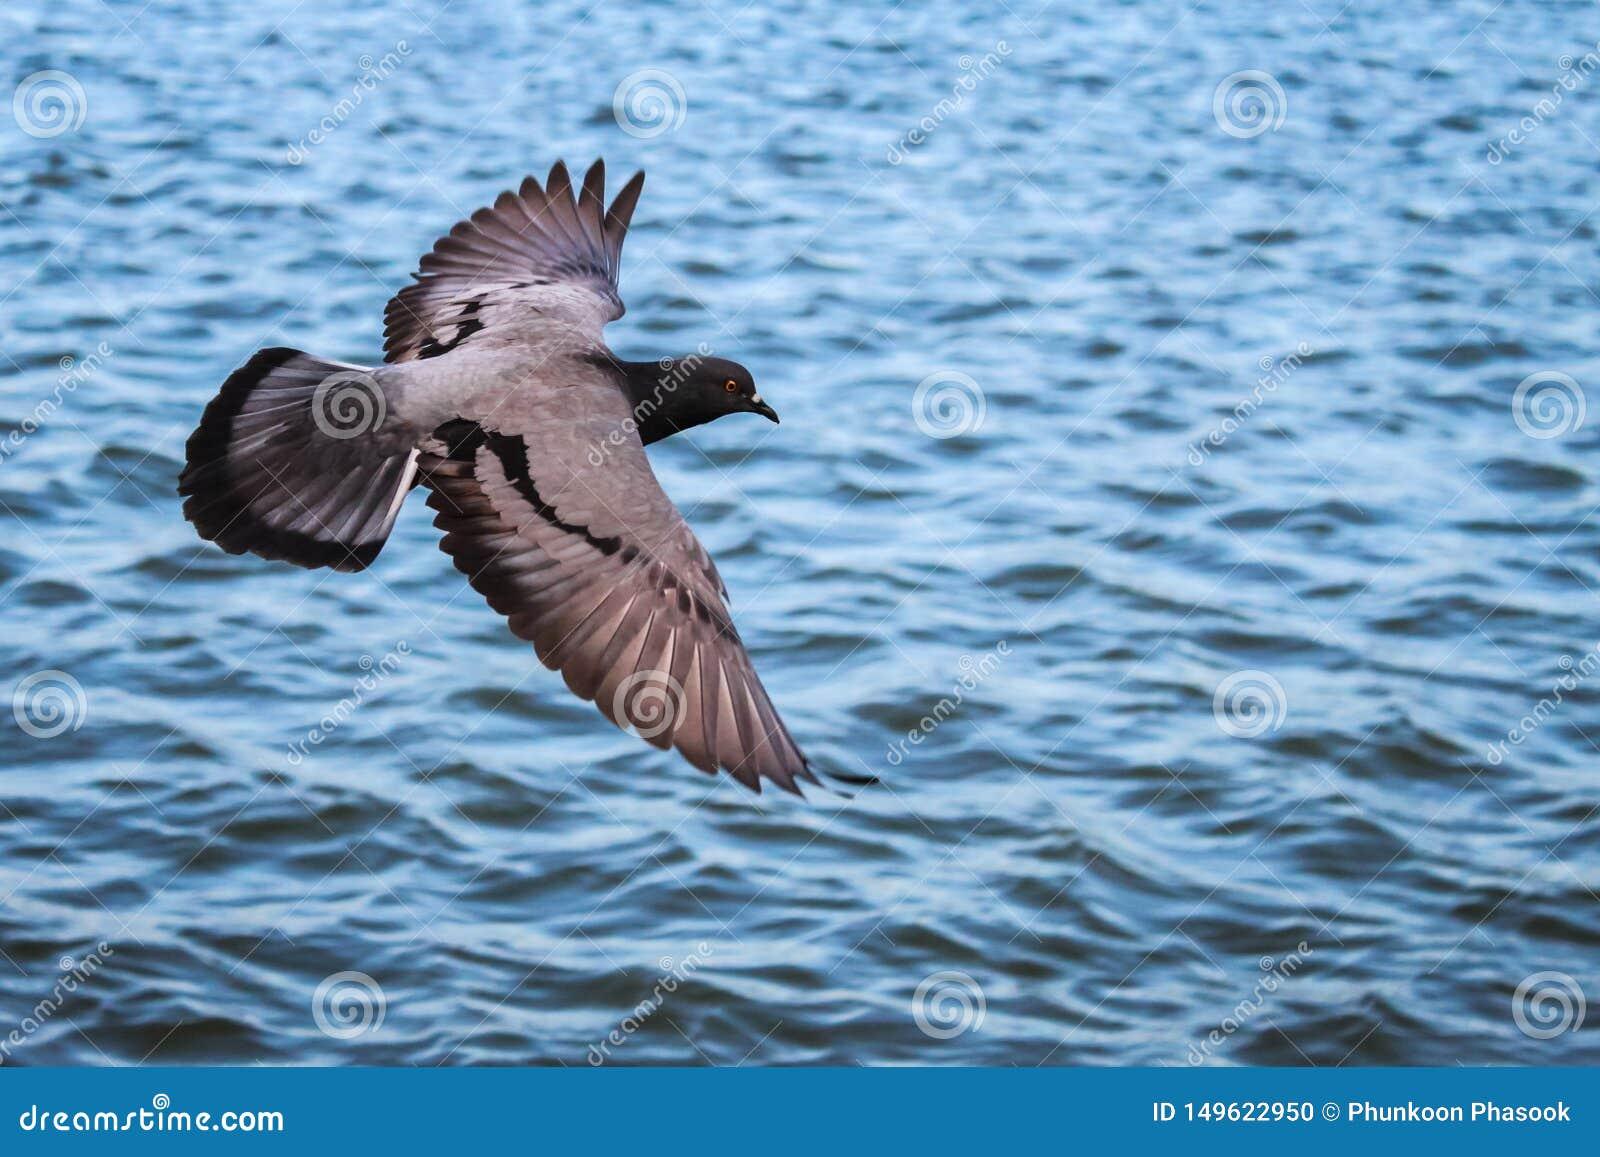 Περιστέρι που πετά πέρα από το νερό, με το ψαλίδισμα της πορείας